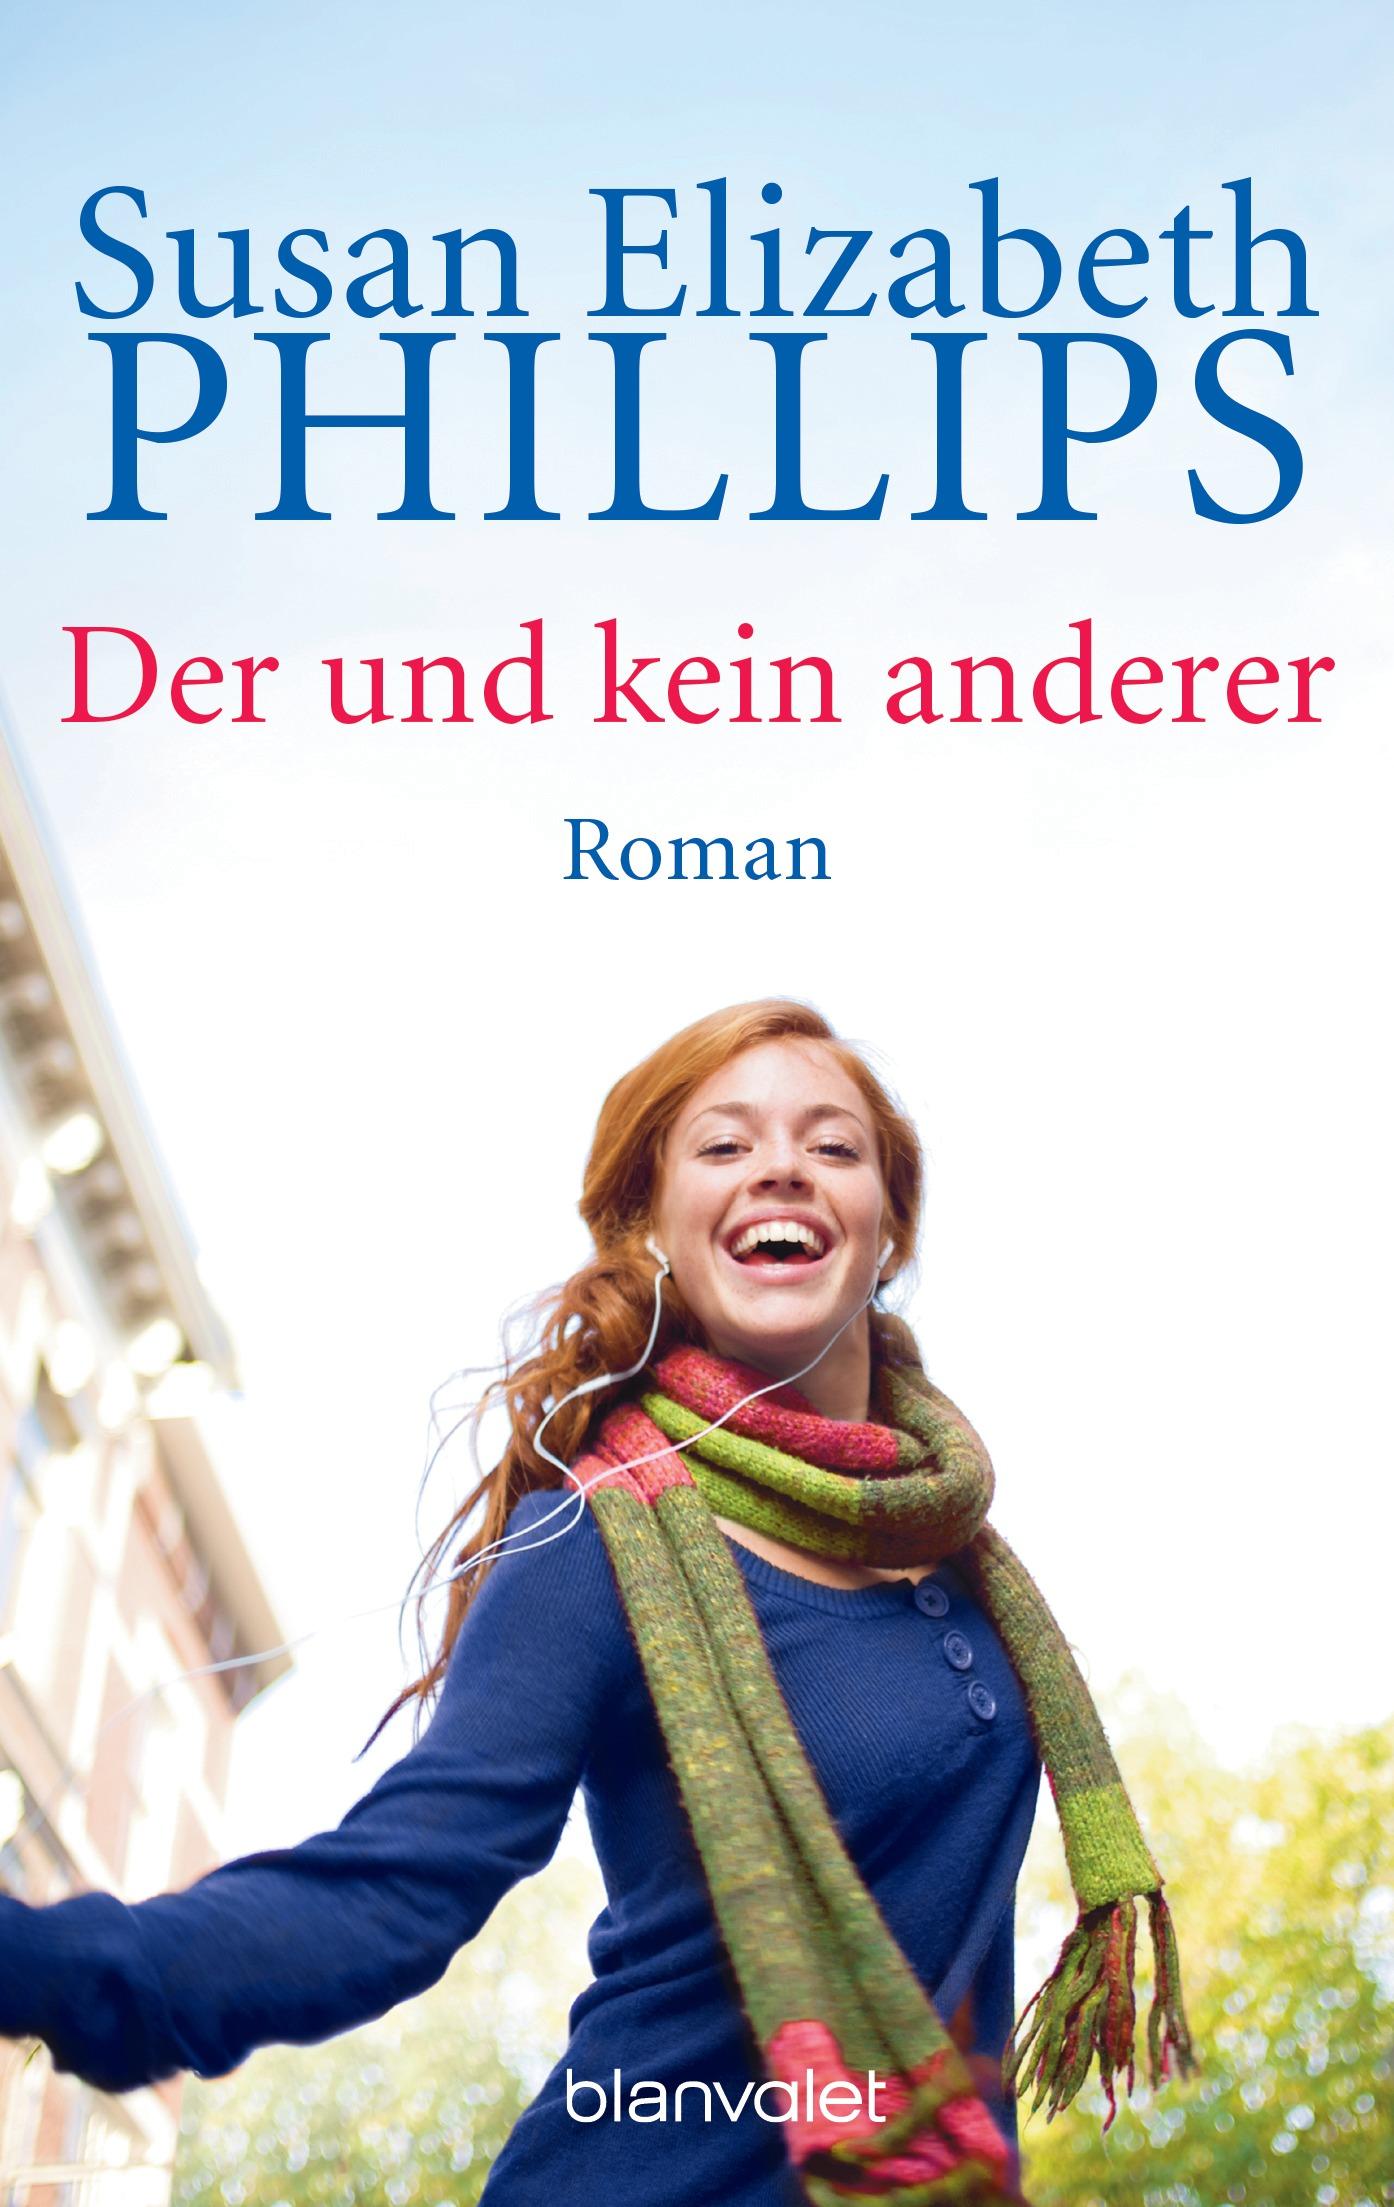 Der und kein anderer - Susan Elizabeth Phillips